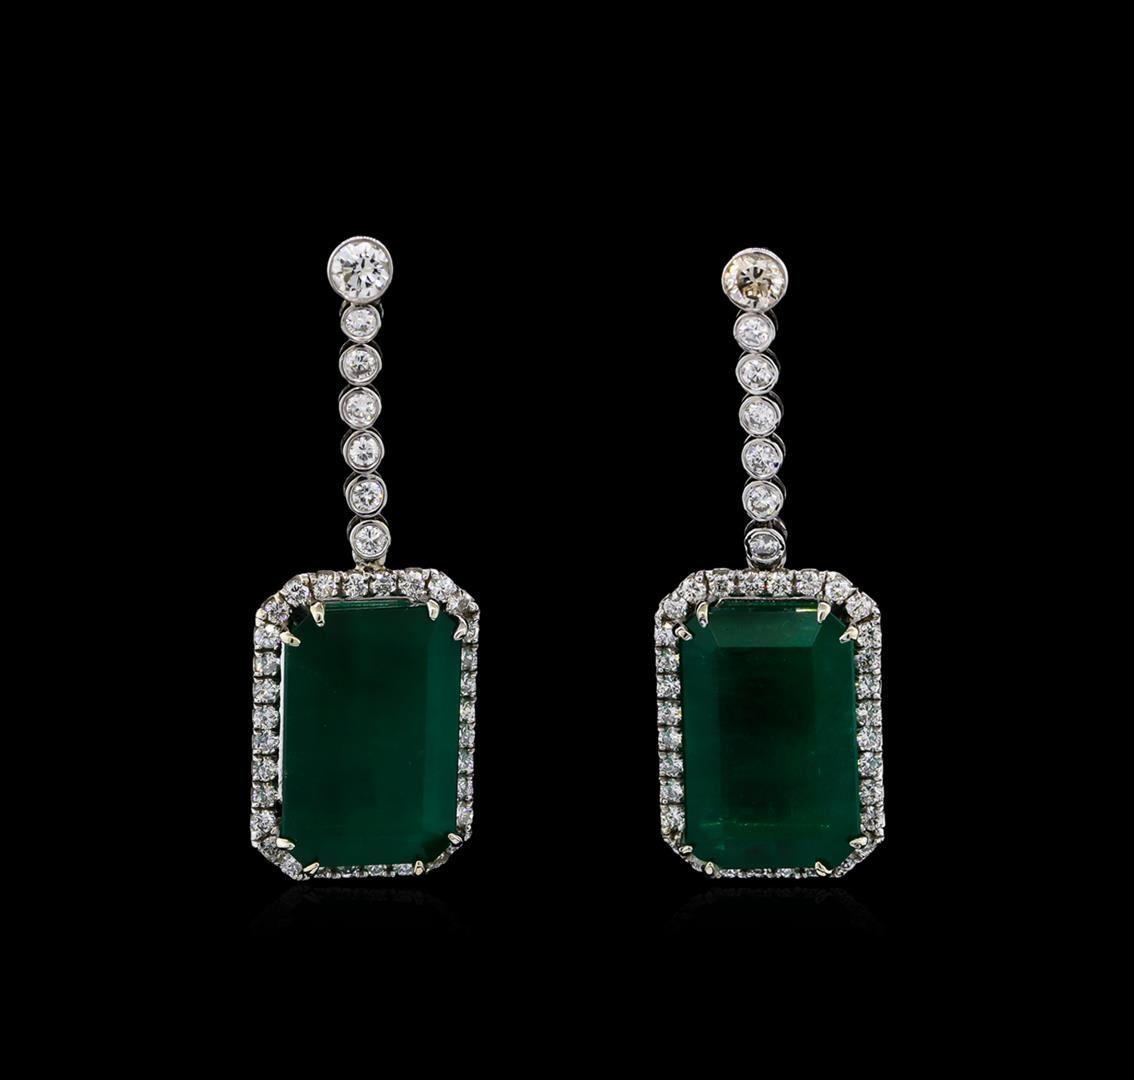 Paar Ohrringe aus Weißgold mit GIA zertifizierten Smaragden (30,46 ct) und Diamanten